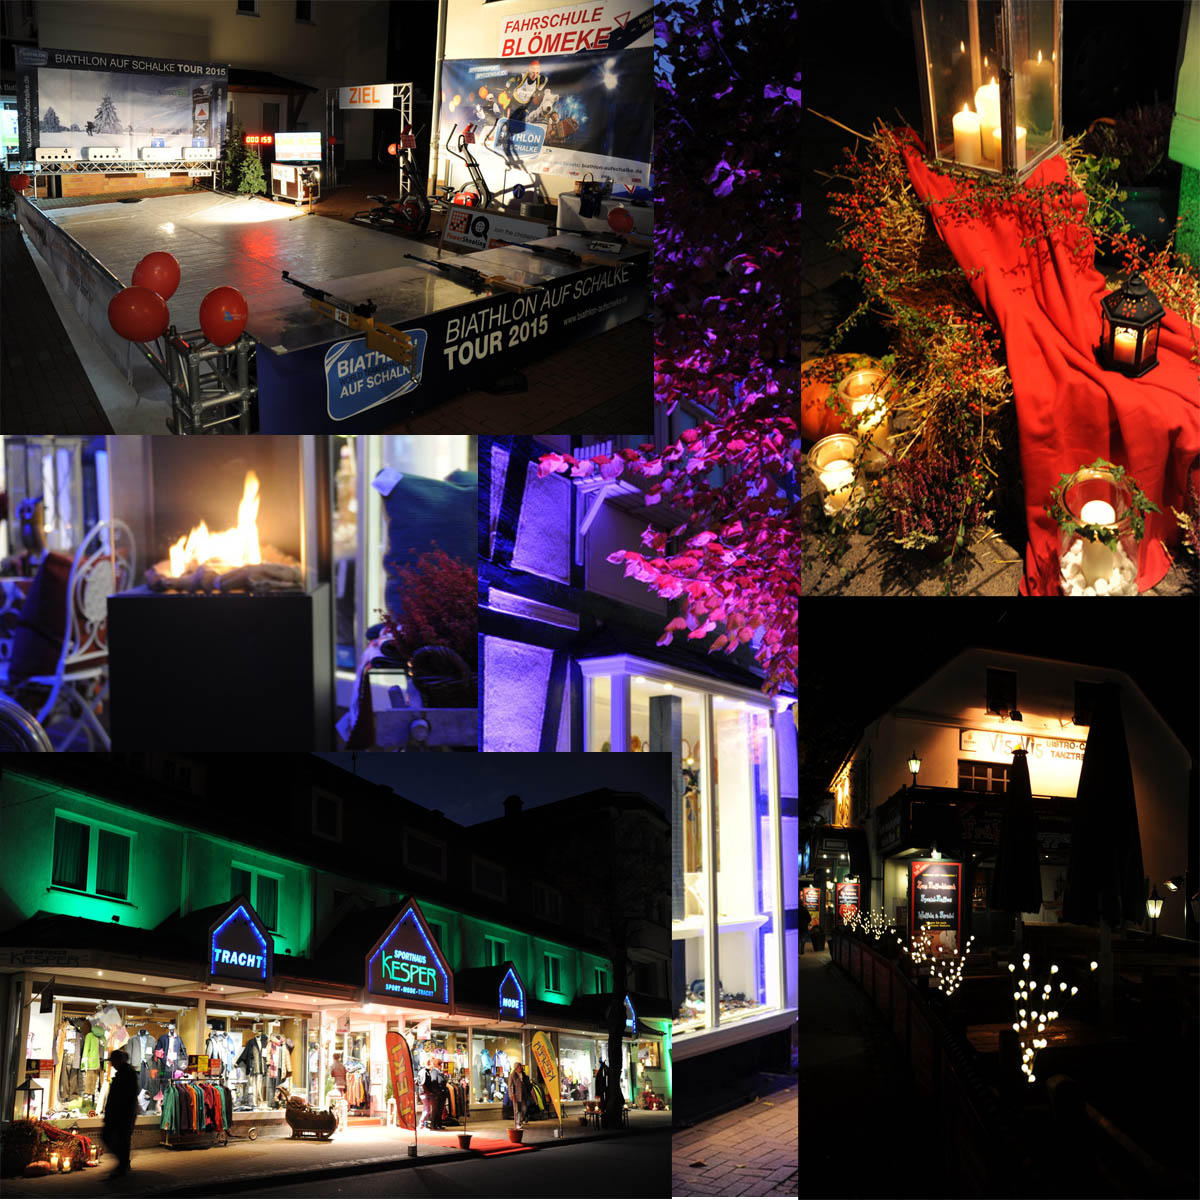 Mittlerweile legte sich die Dunkelheit über Willingen und das fest der 1000 Lichter nahm seinen Lauf. Einzelhandel, Gastronomie und die zahlreichen Hotels spielten kreativ mit Lichtelementen an Fassaden und in den Räumen. Auch die Biathlonarena erstrahlte im Glanz des Lichtes.